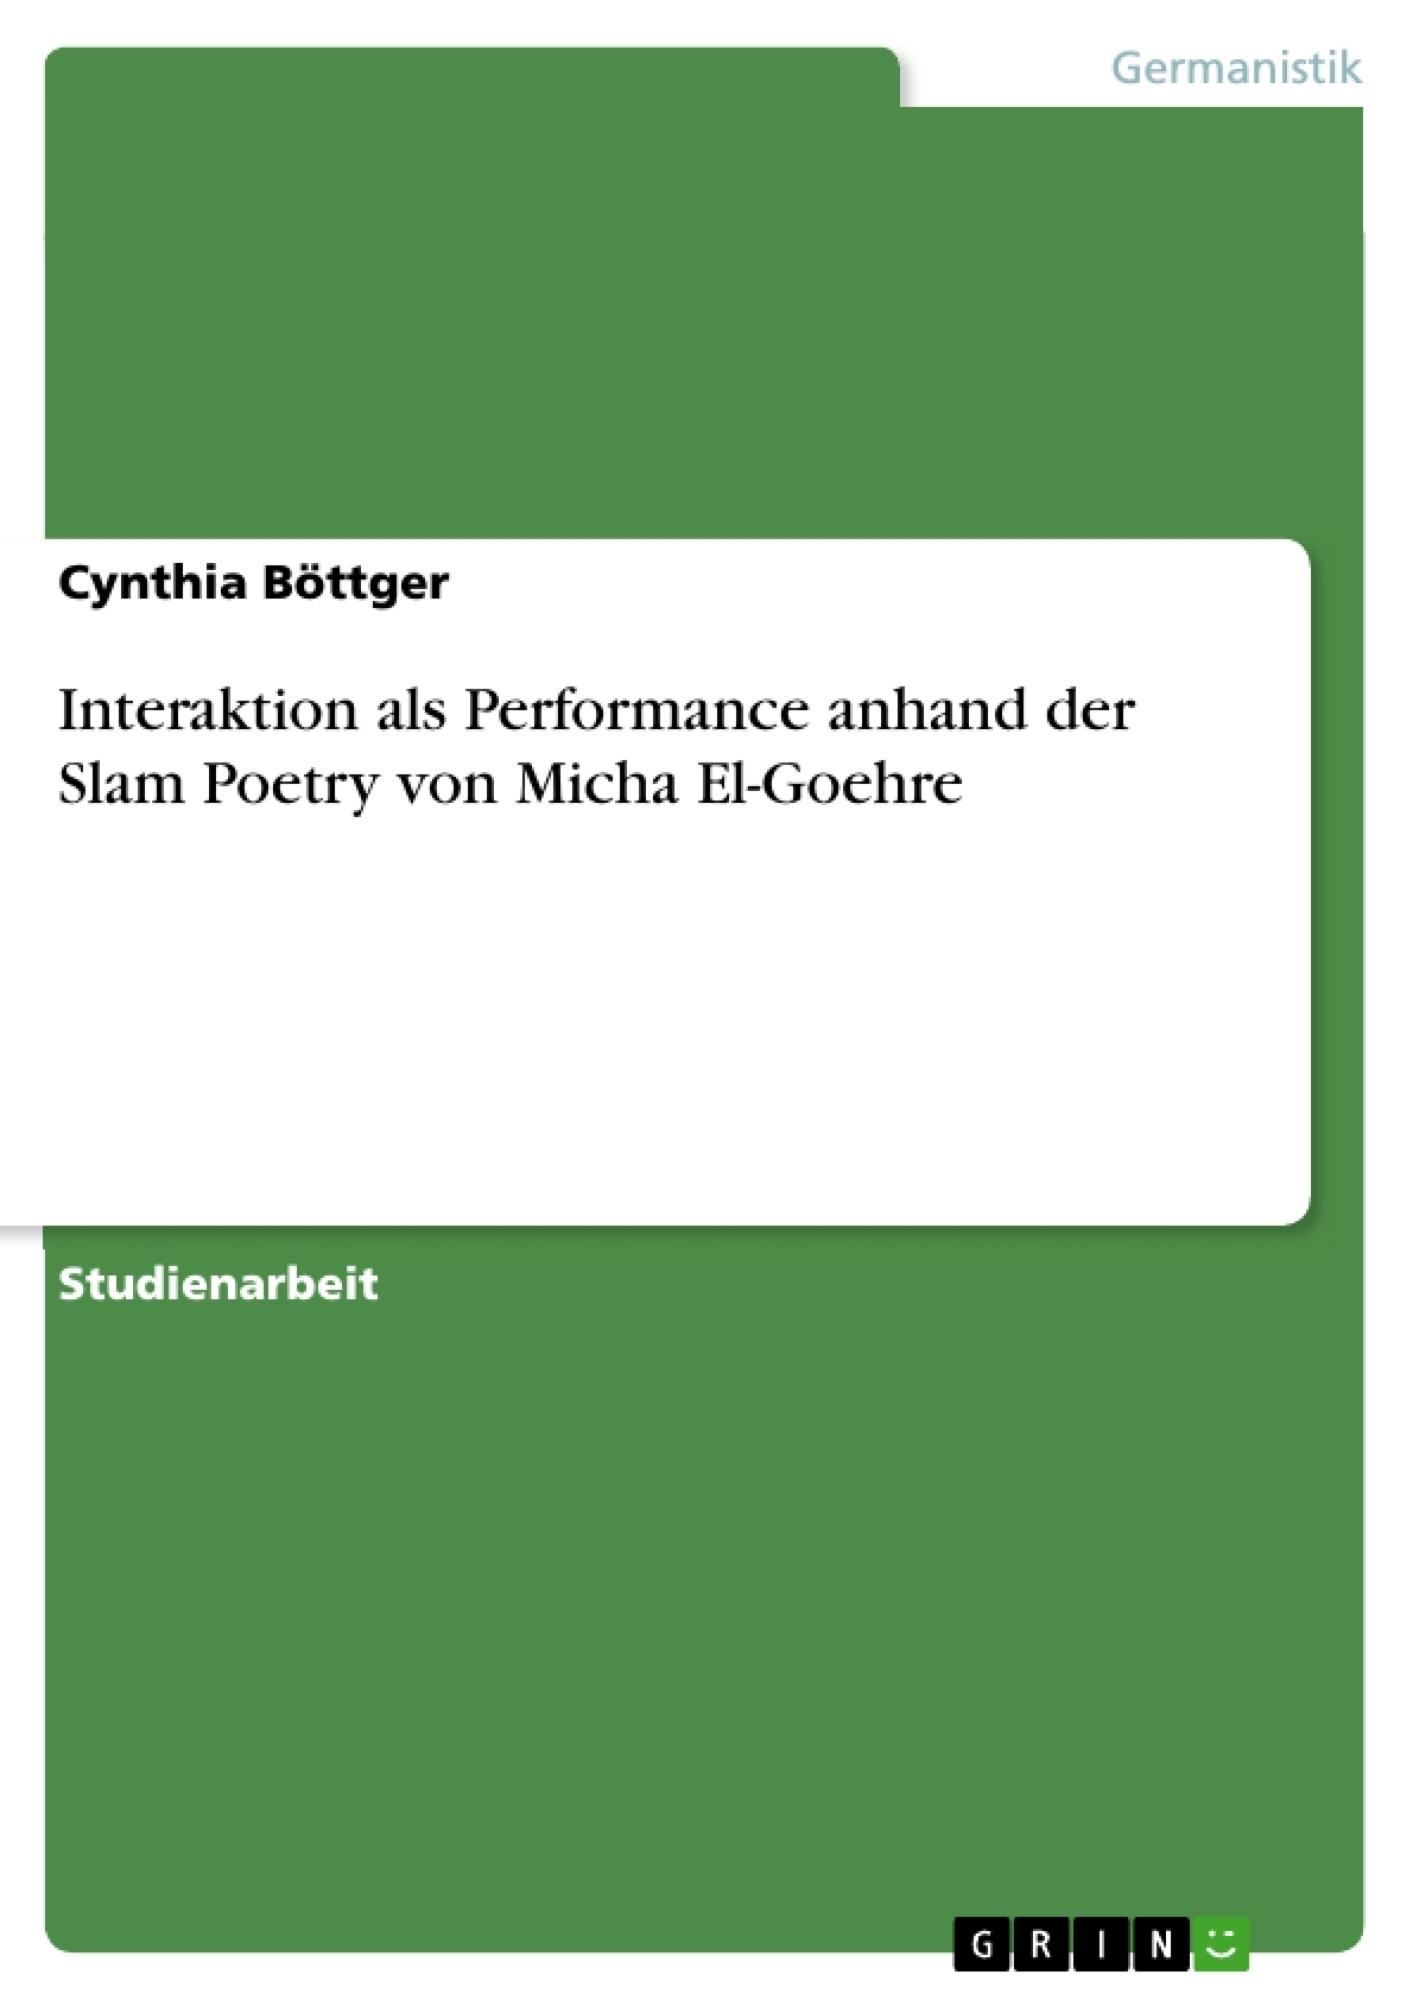 Titel: Interaktion als Performance anhand der Slam Poetry von Micha El-Goehre